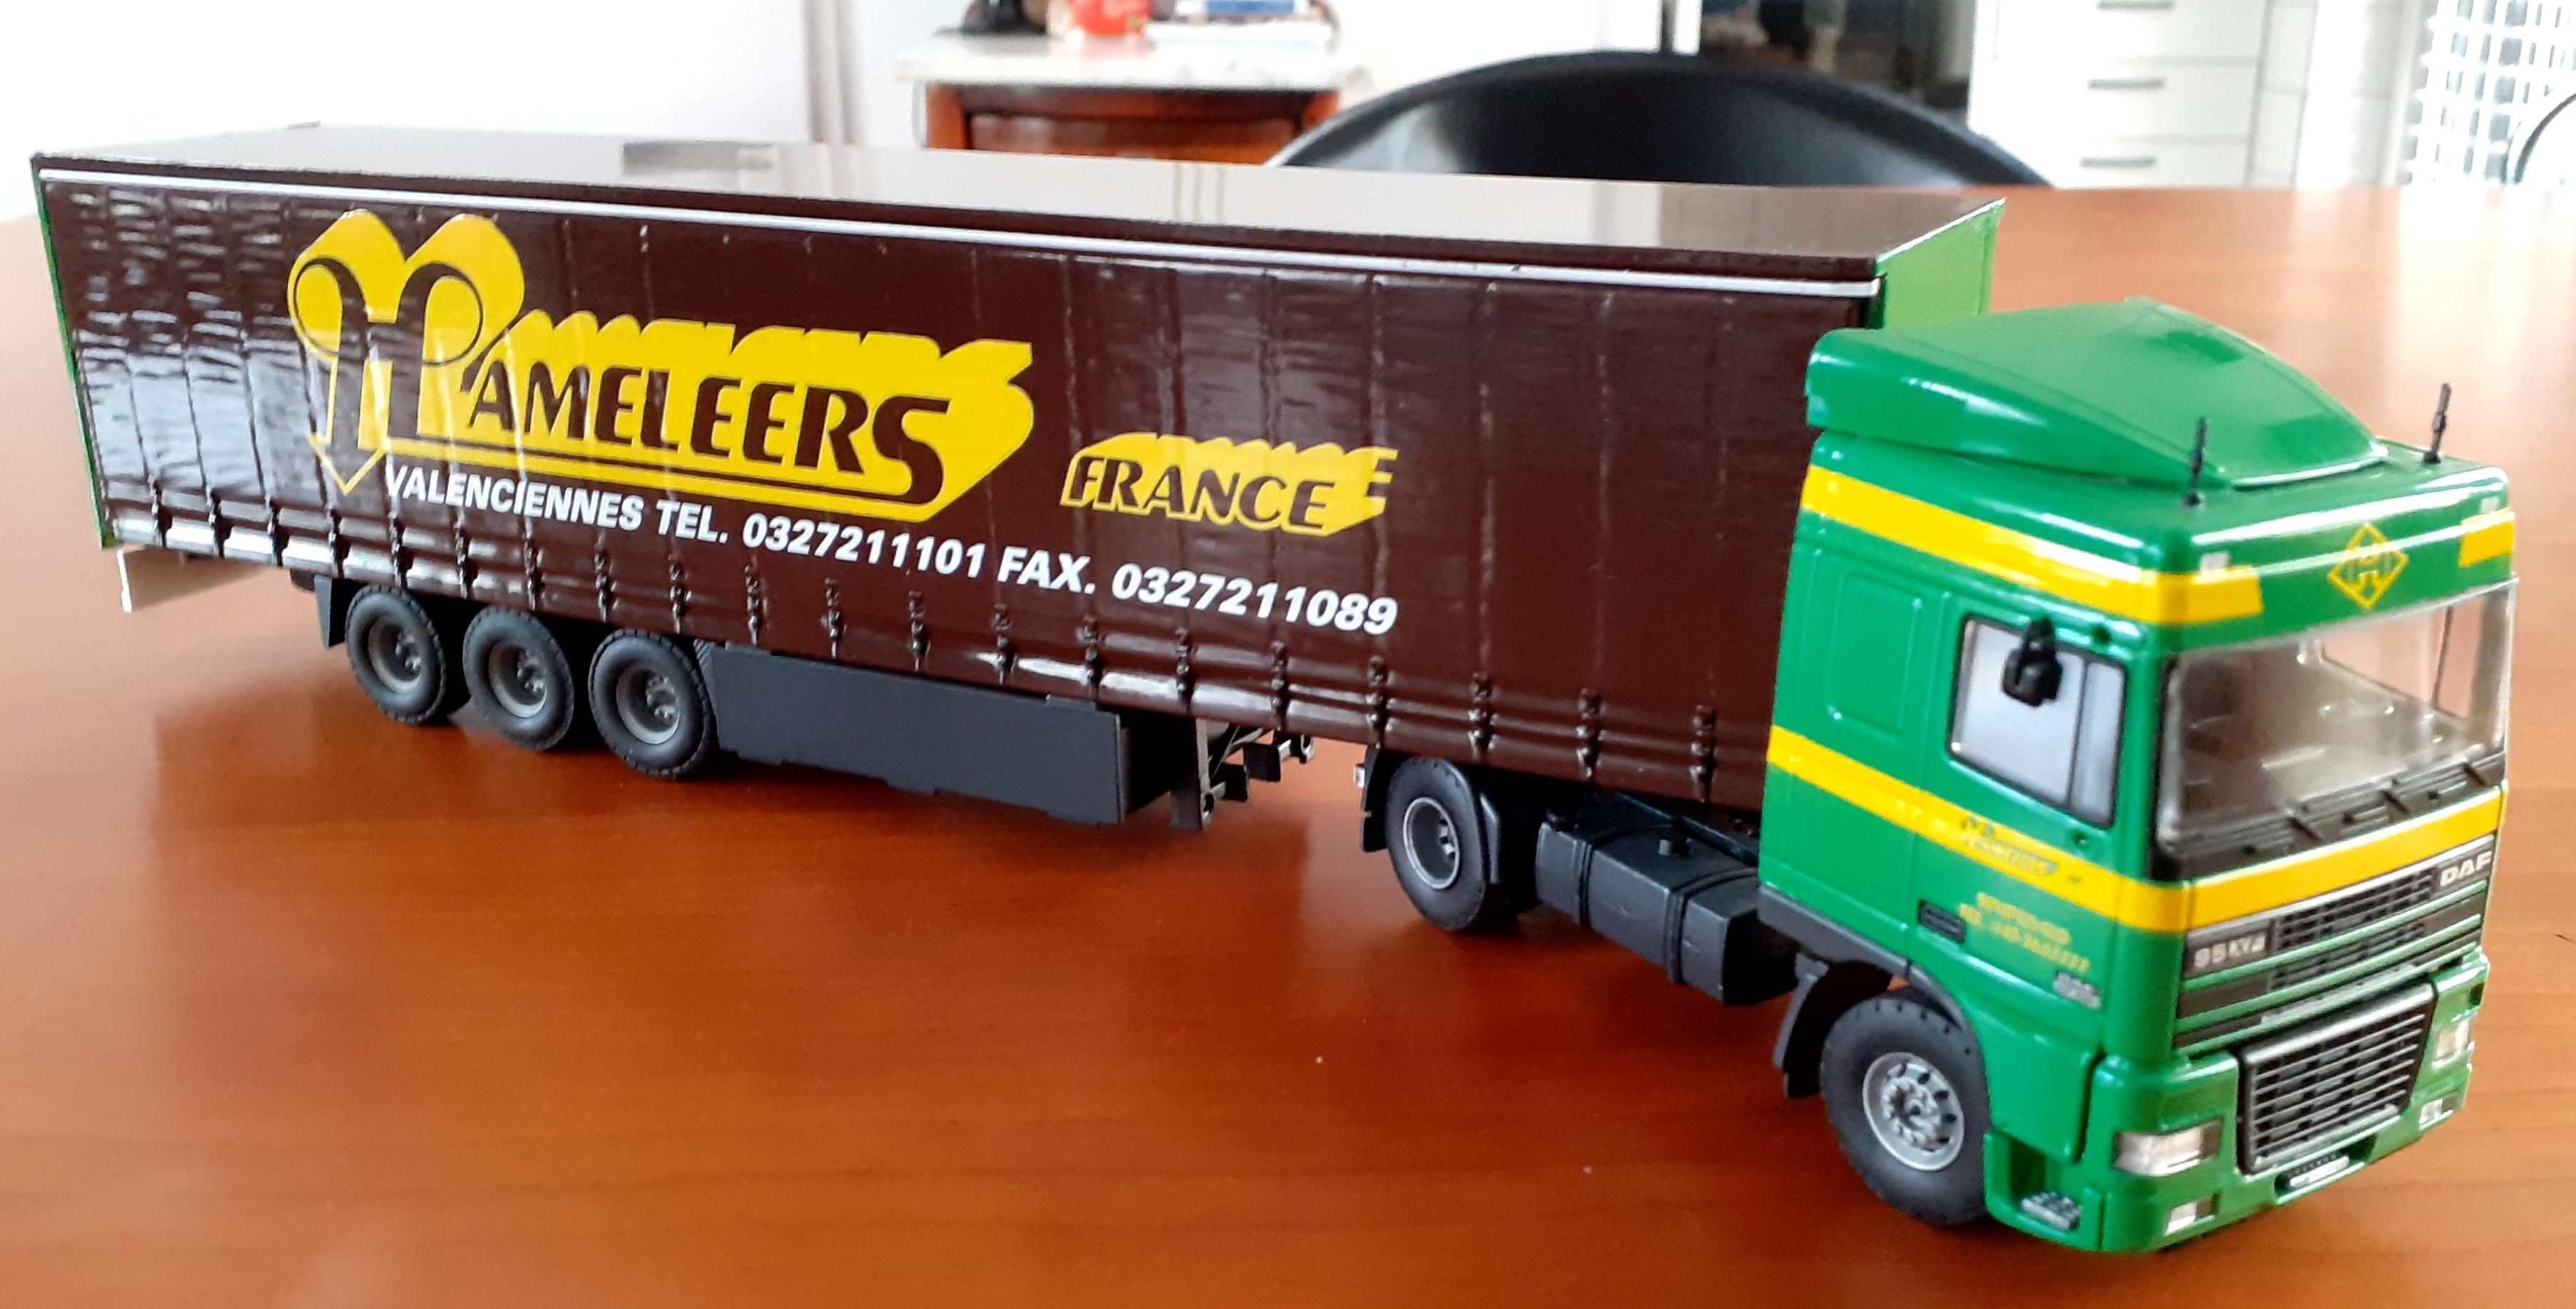 Hameleers-Xavier-Walstock-berwerkte-delen-modellen-(37)